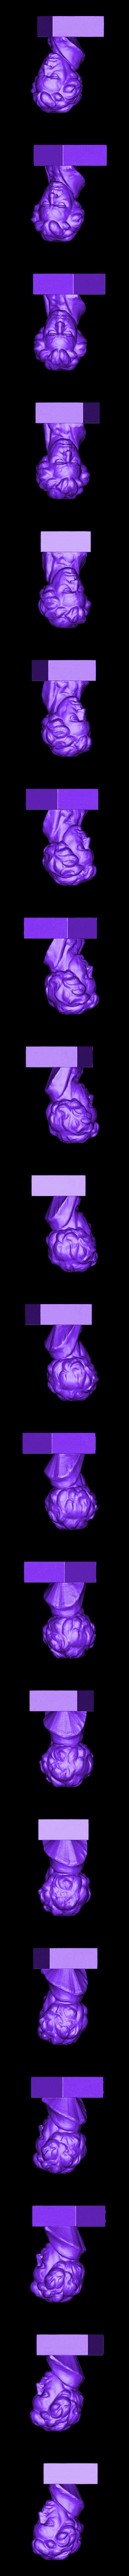 beethovencomplete.stl Télécharger fichier STL gratuit Buste Beethoven • Modèle à imprimer en 3D, ThreeDScans